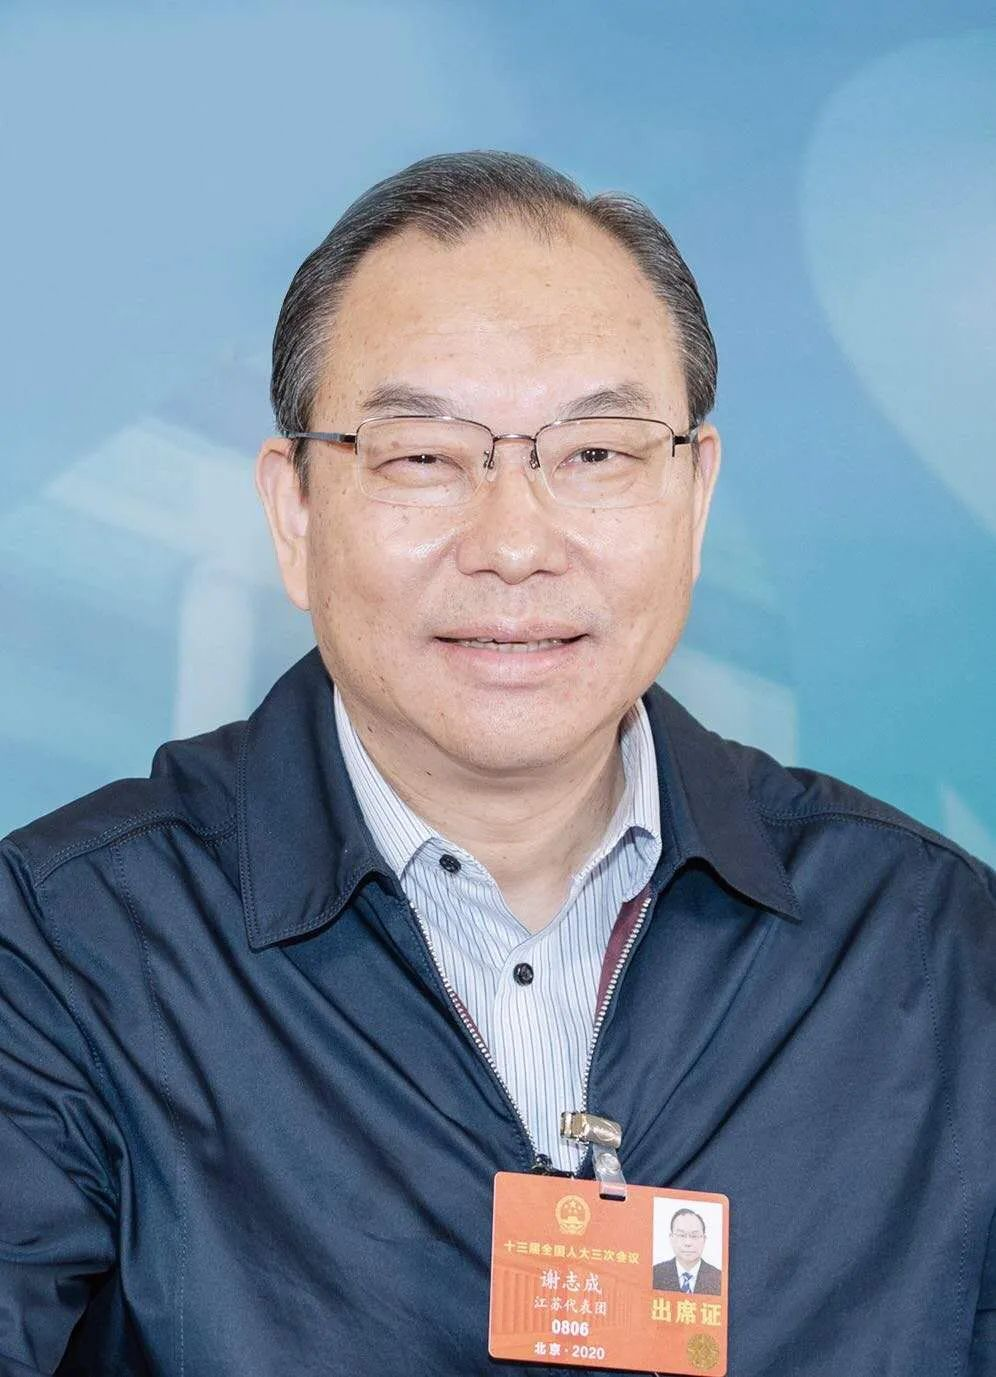 两会专访丨全国人大代表、江苏省工业和信息化厅厅长谢志成:激发新动能,江苏省六方面发力新基建